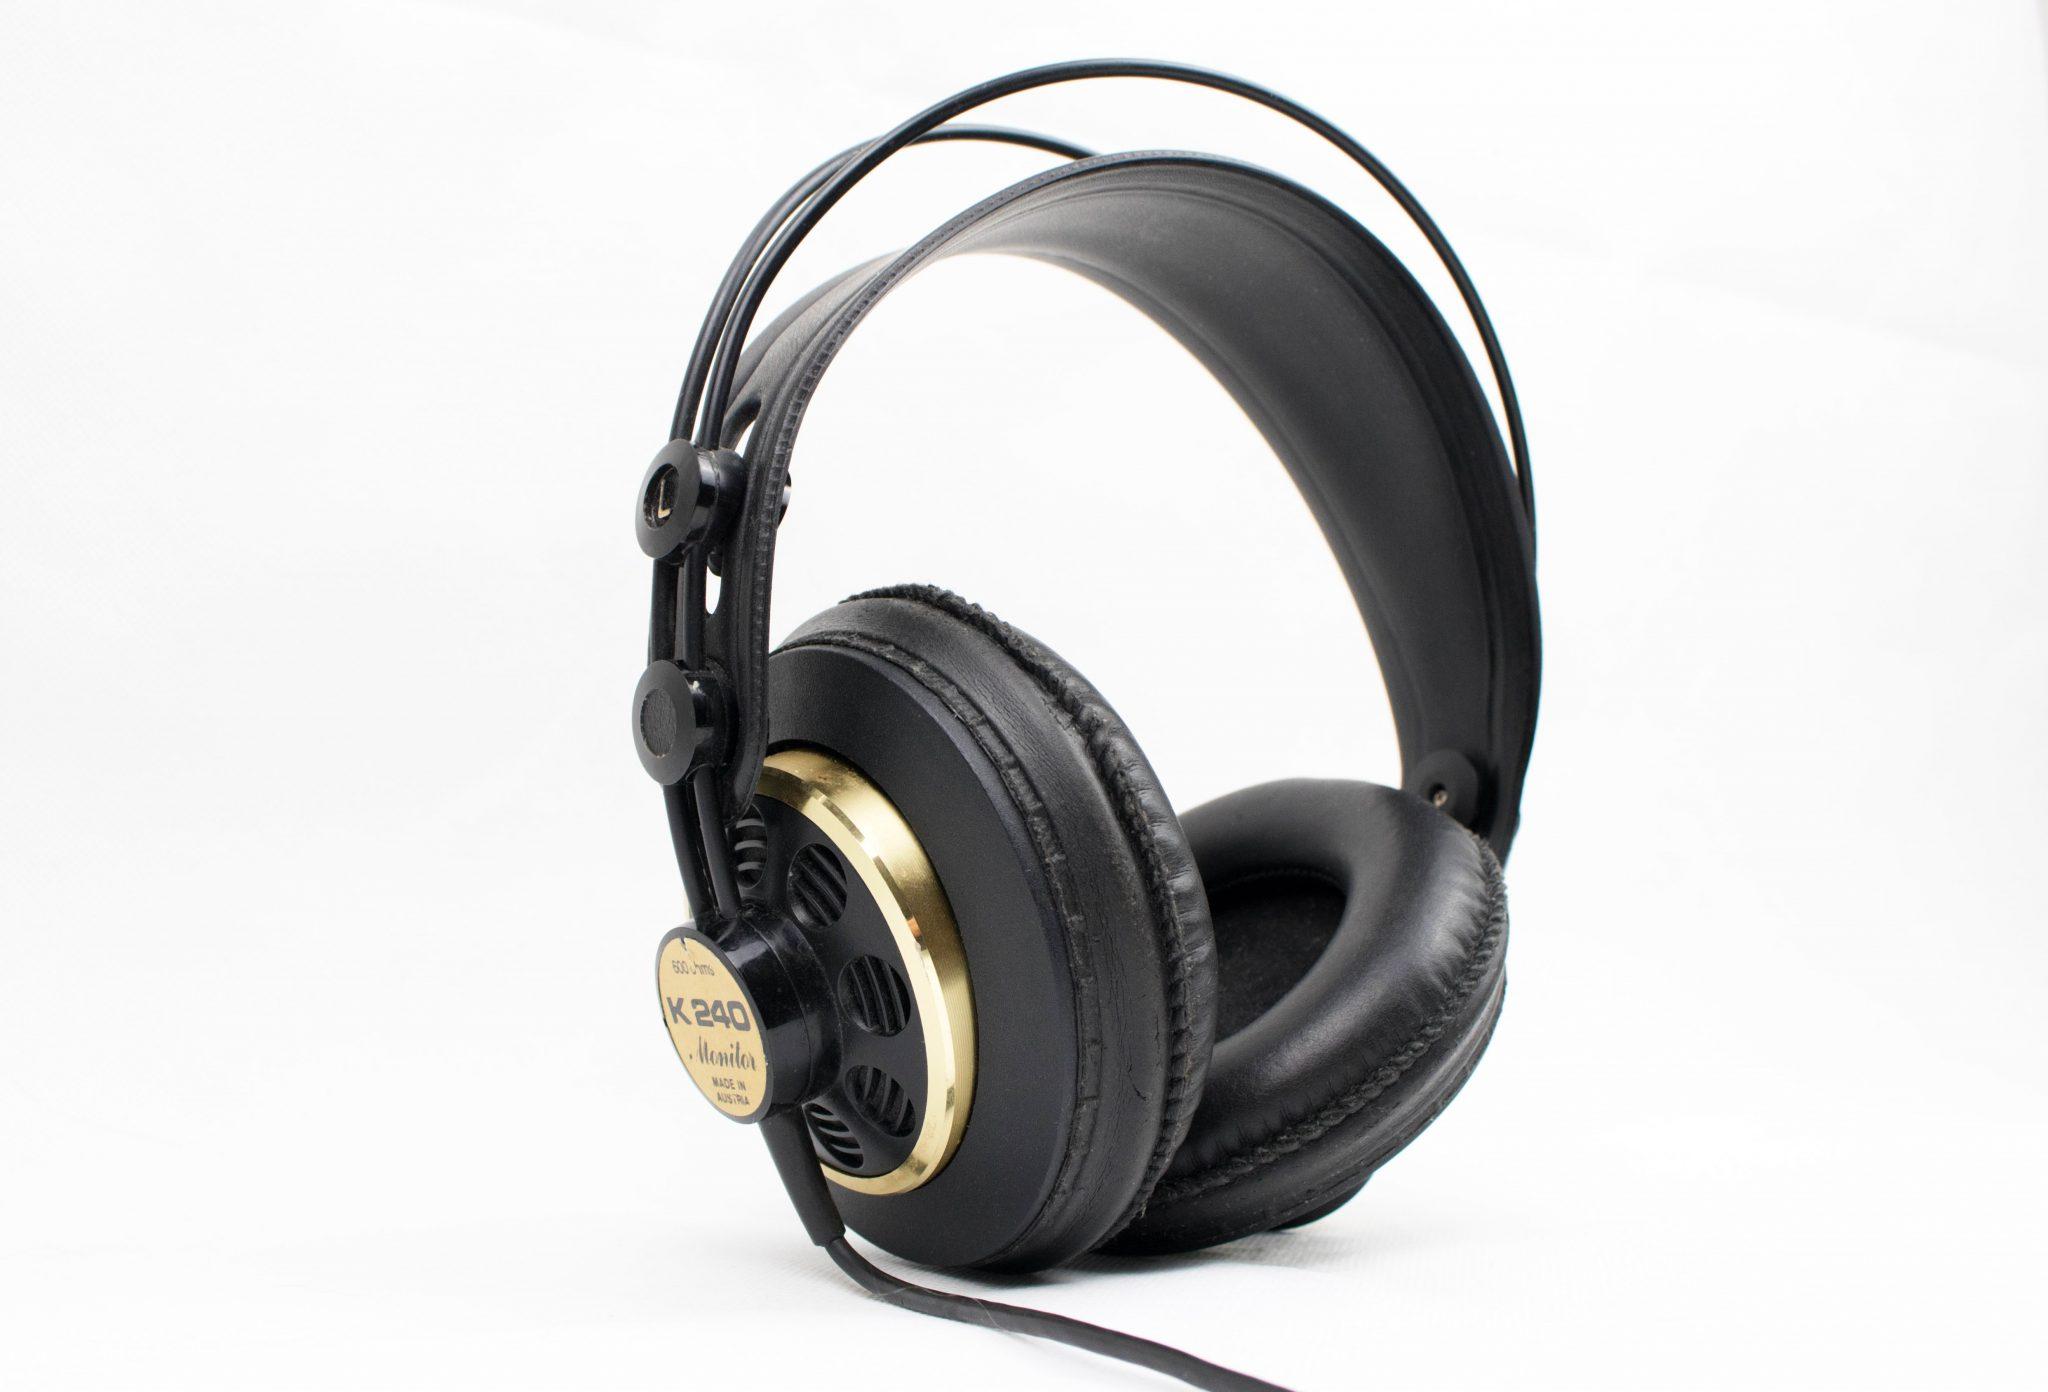 7ad627075d2 Most Comfortable Over Ear Headphones - Tax Twerk©